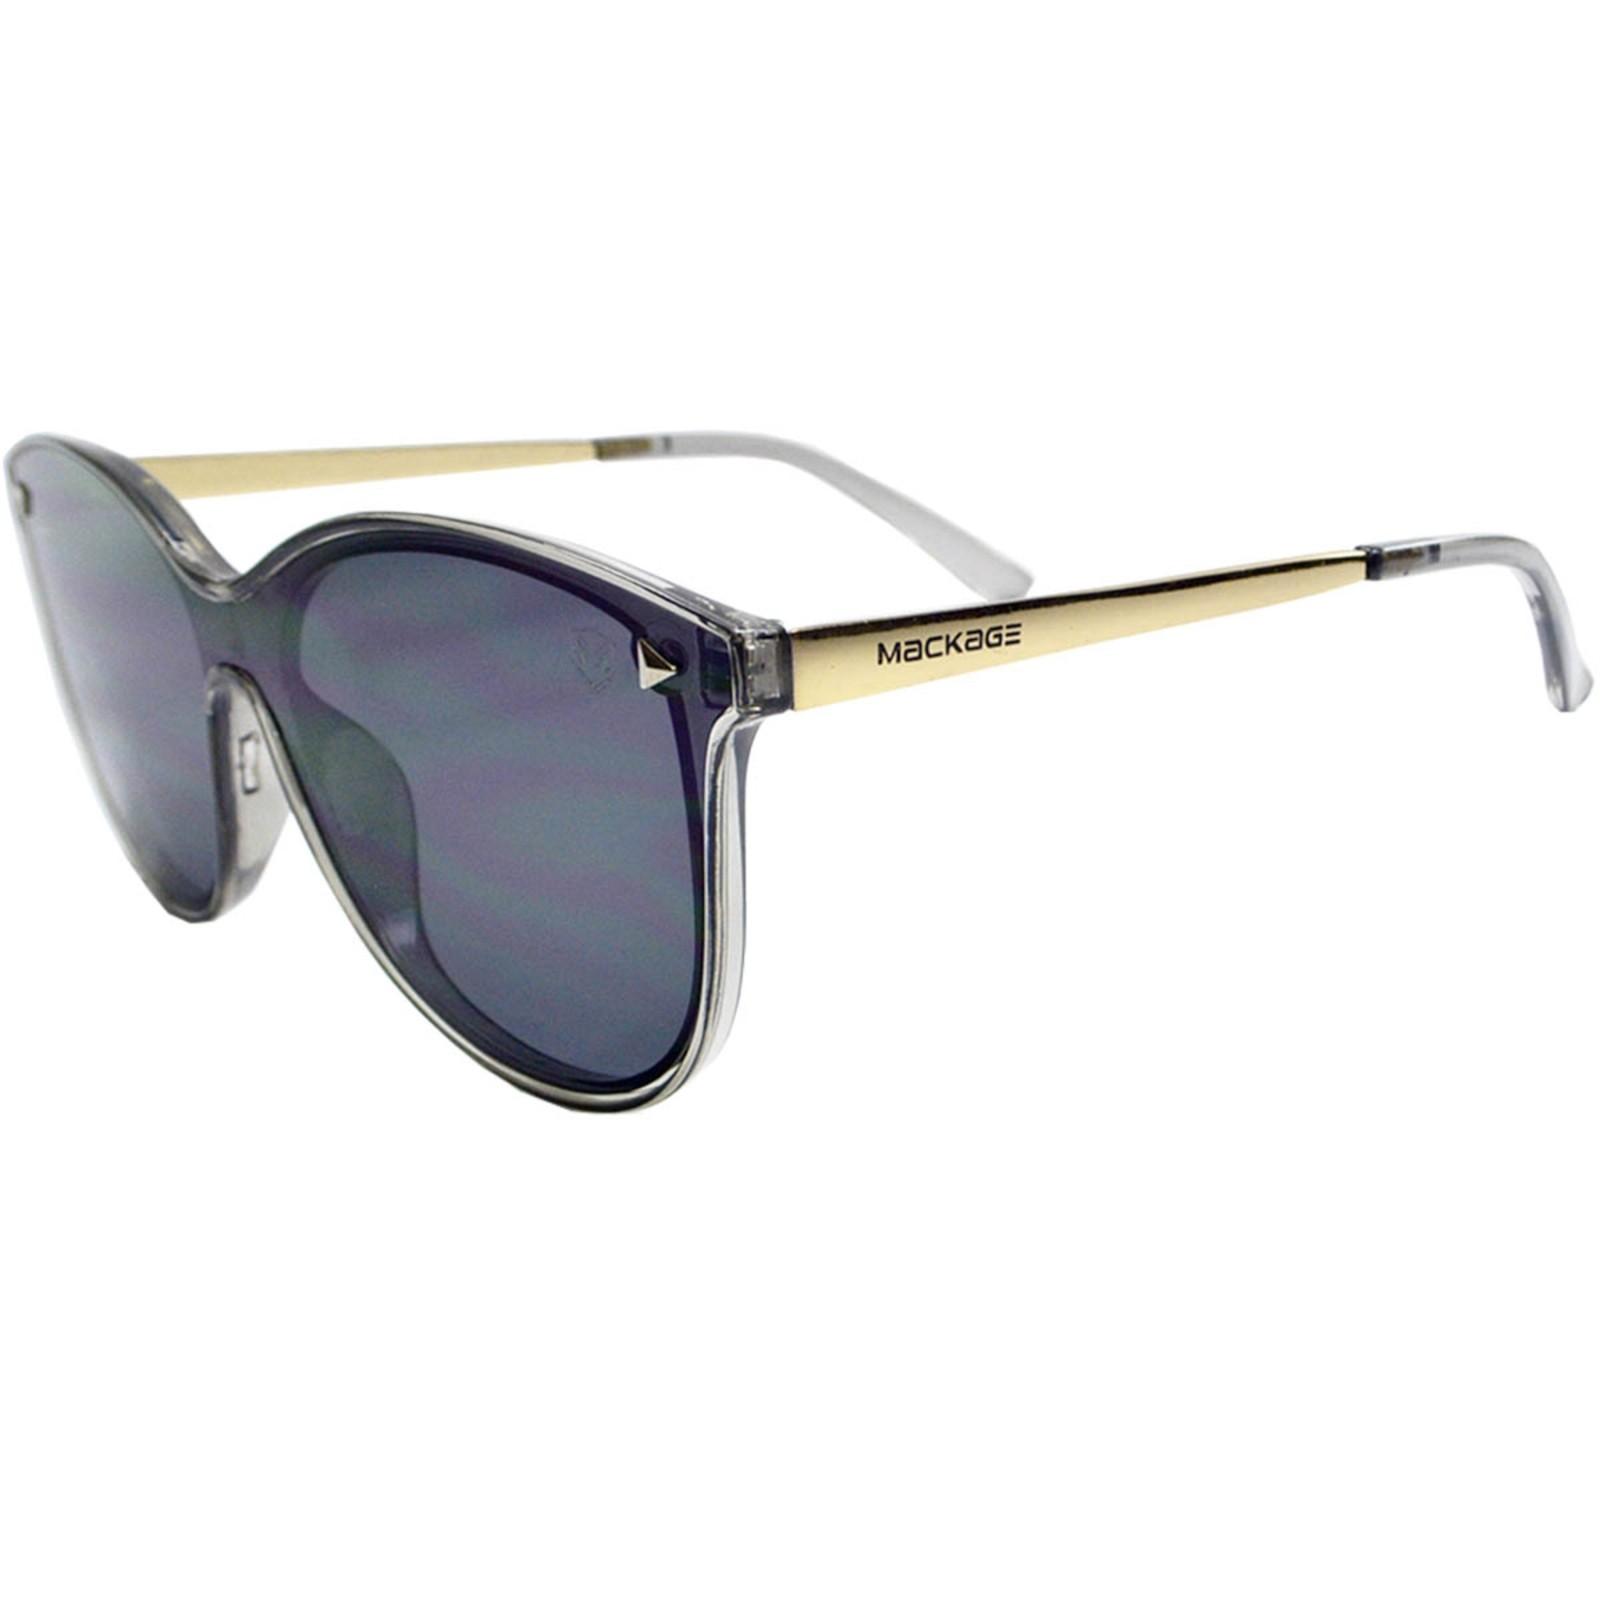 Óculos De Sol Mackage Feminino Acetato Rimless Gateado - Cinza Fumê